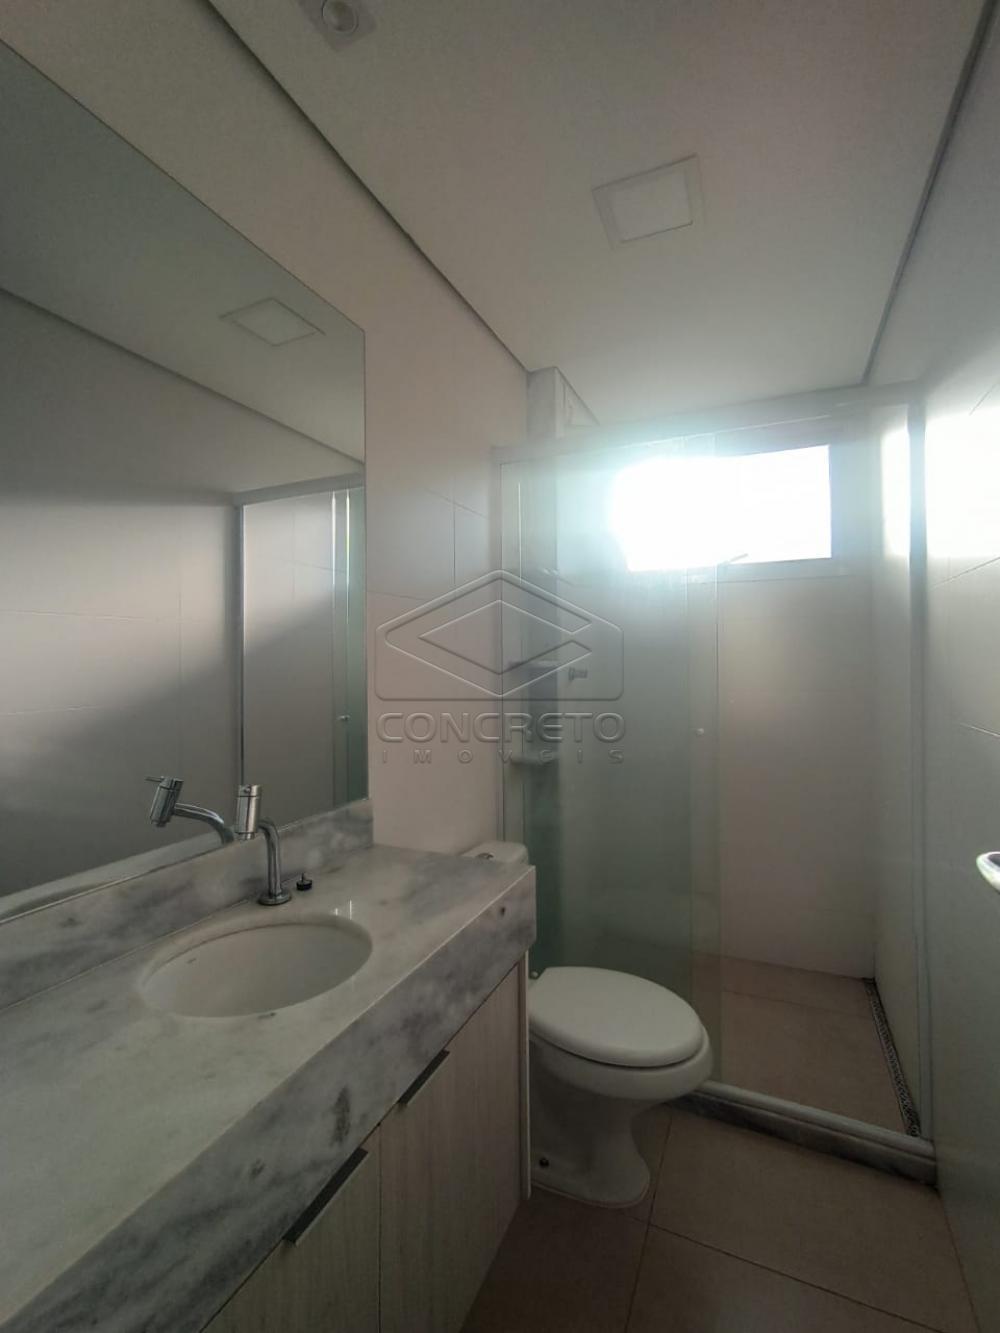 Alugar Apartamento / Padrão em Bauru R$ 1.200,00 - Foto 8